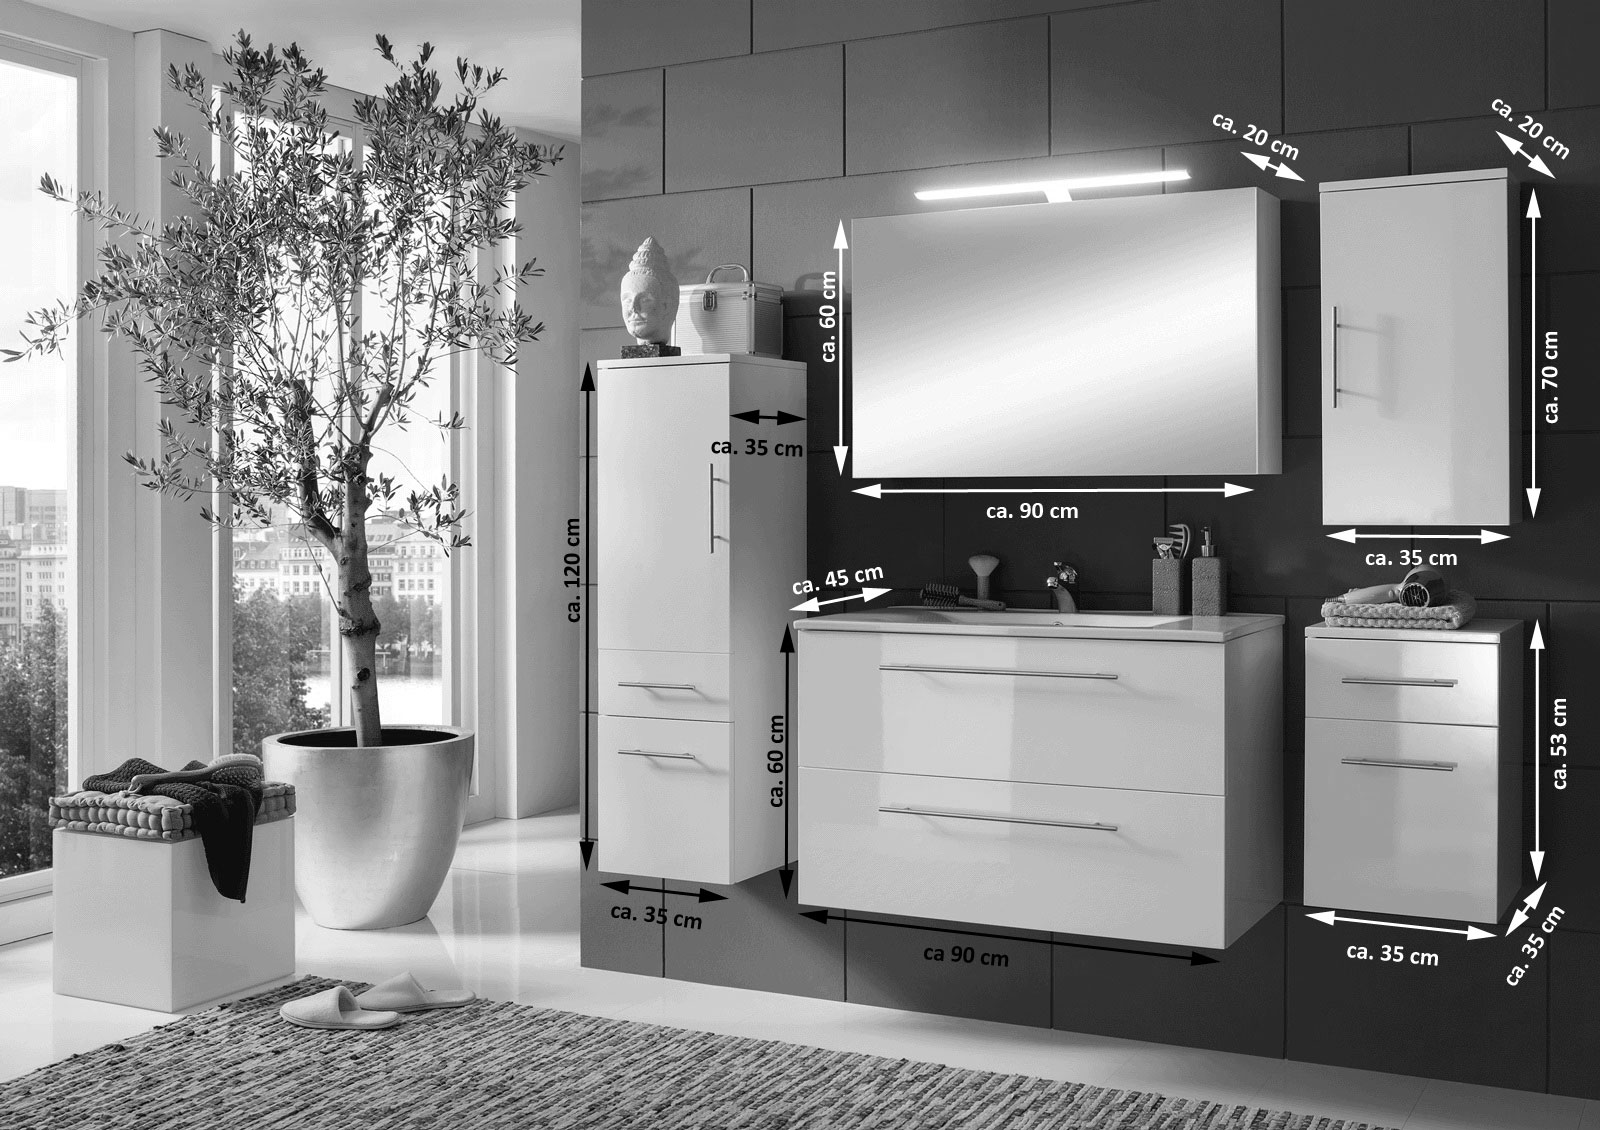 SAM® Badmöbel Set 5tlg weiß 90cm Spiegelschrank Deluxe RIMINI | {Badmöbel trend 66}